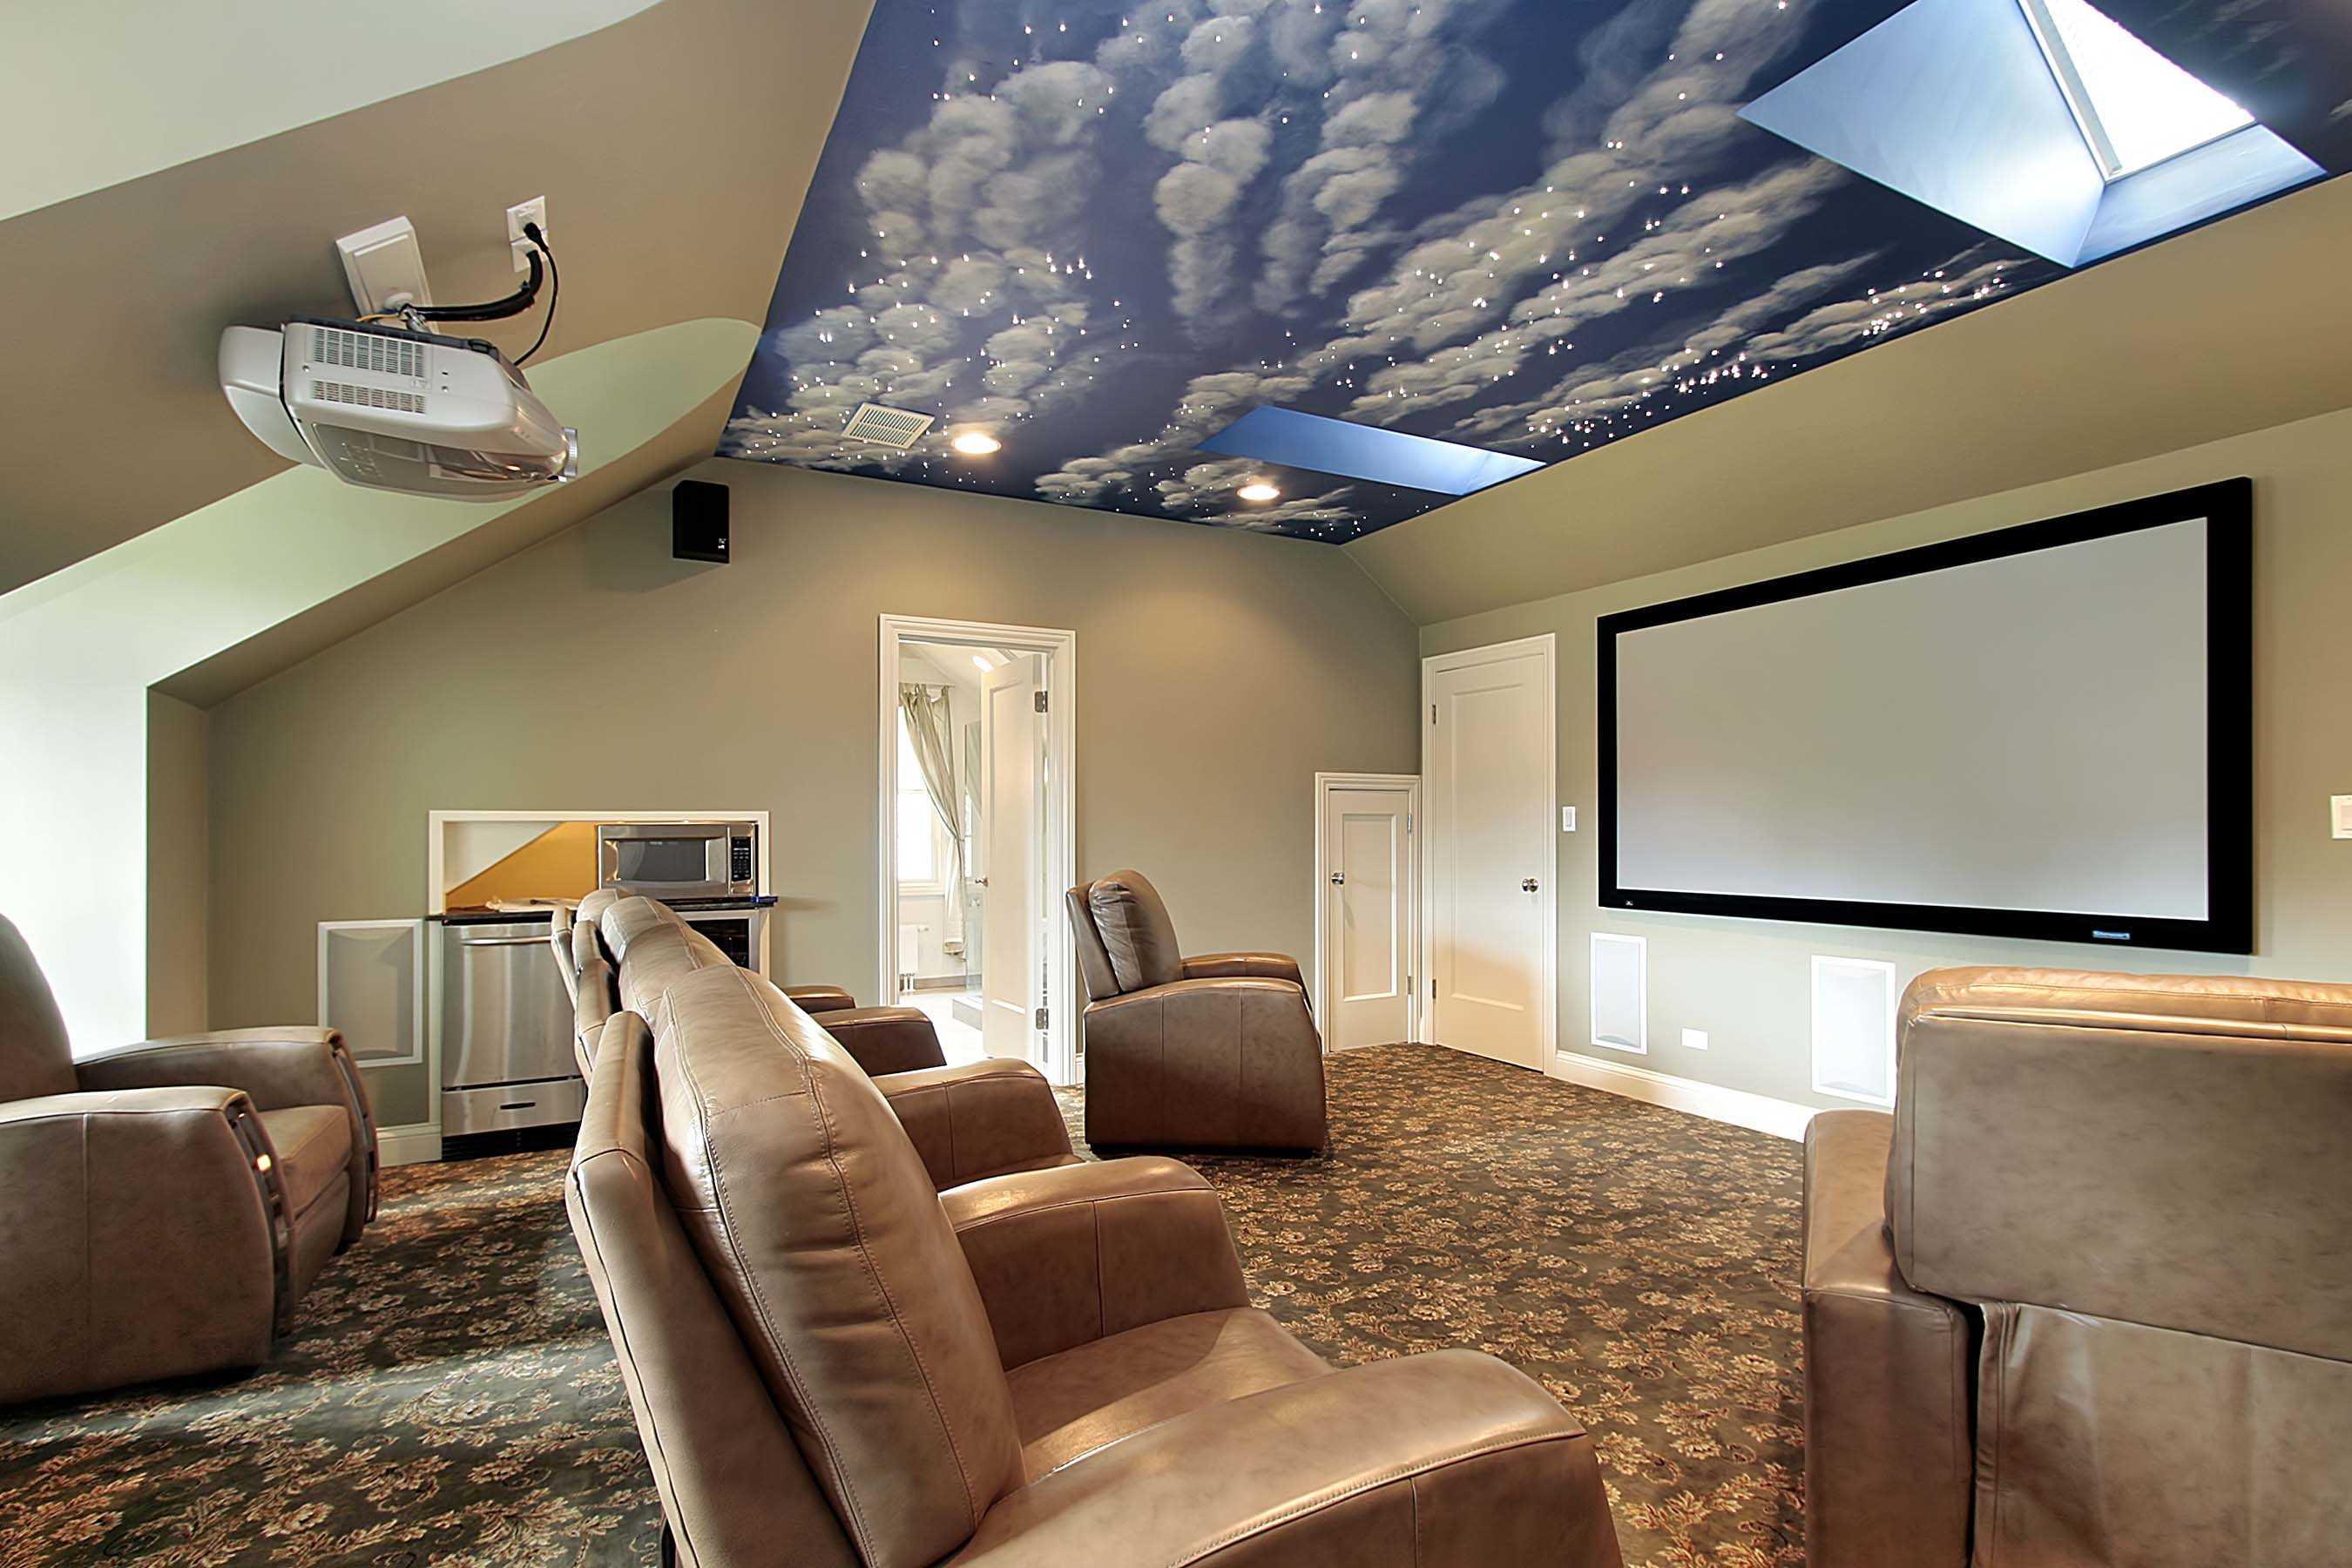 Как сделать звездное небо на потолке - всё о ремонте потолка